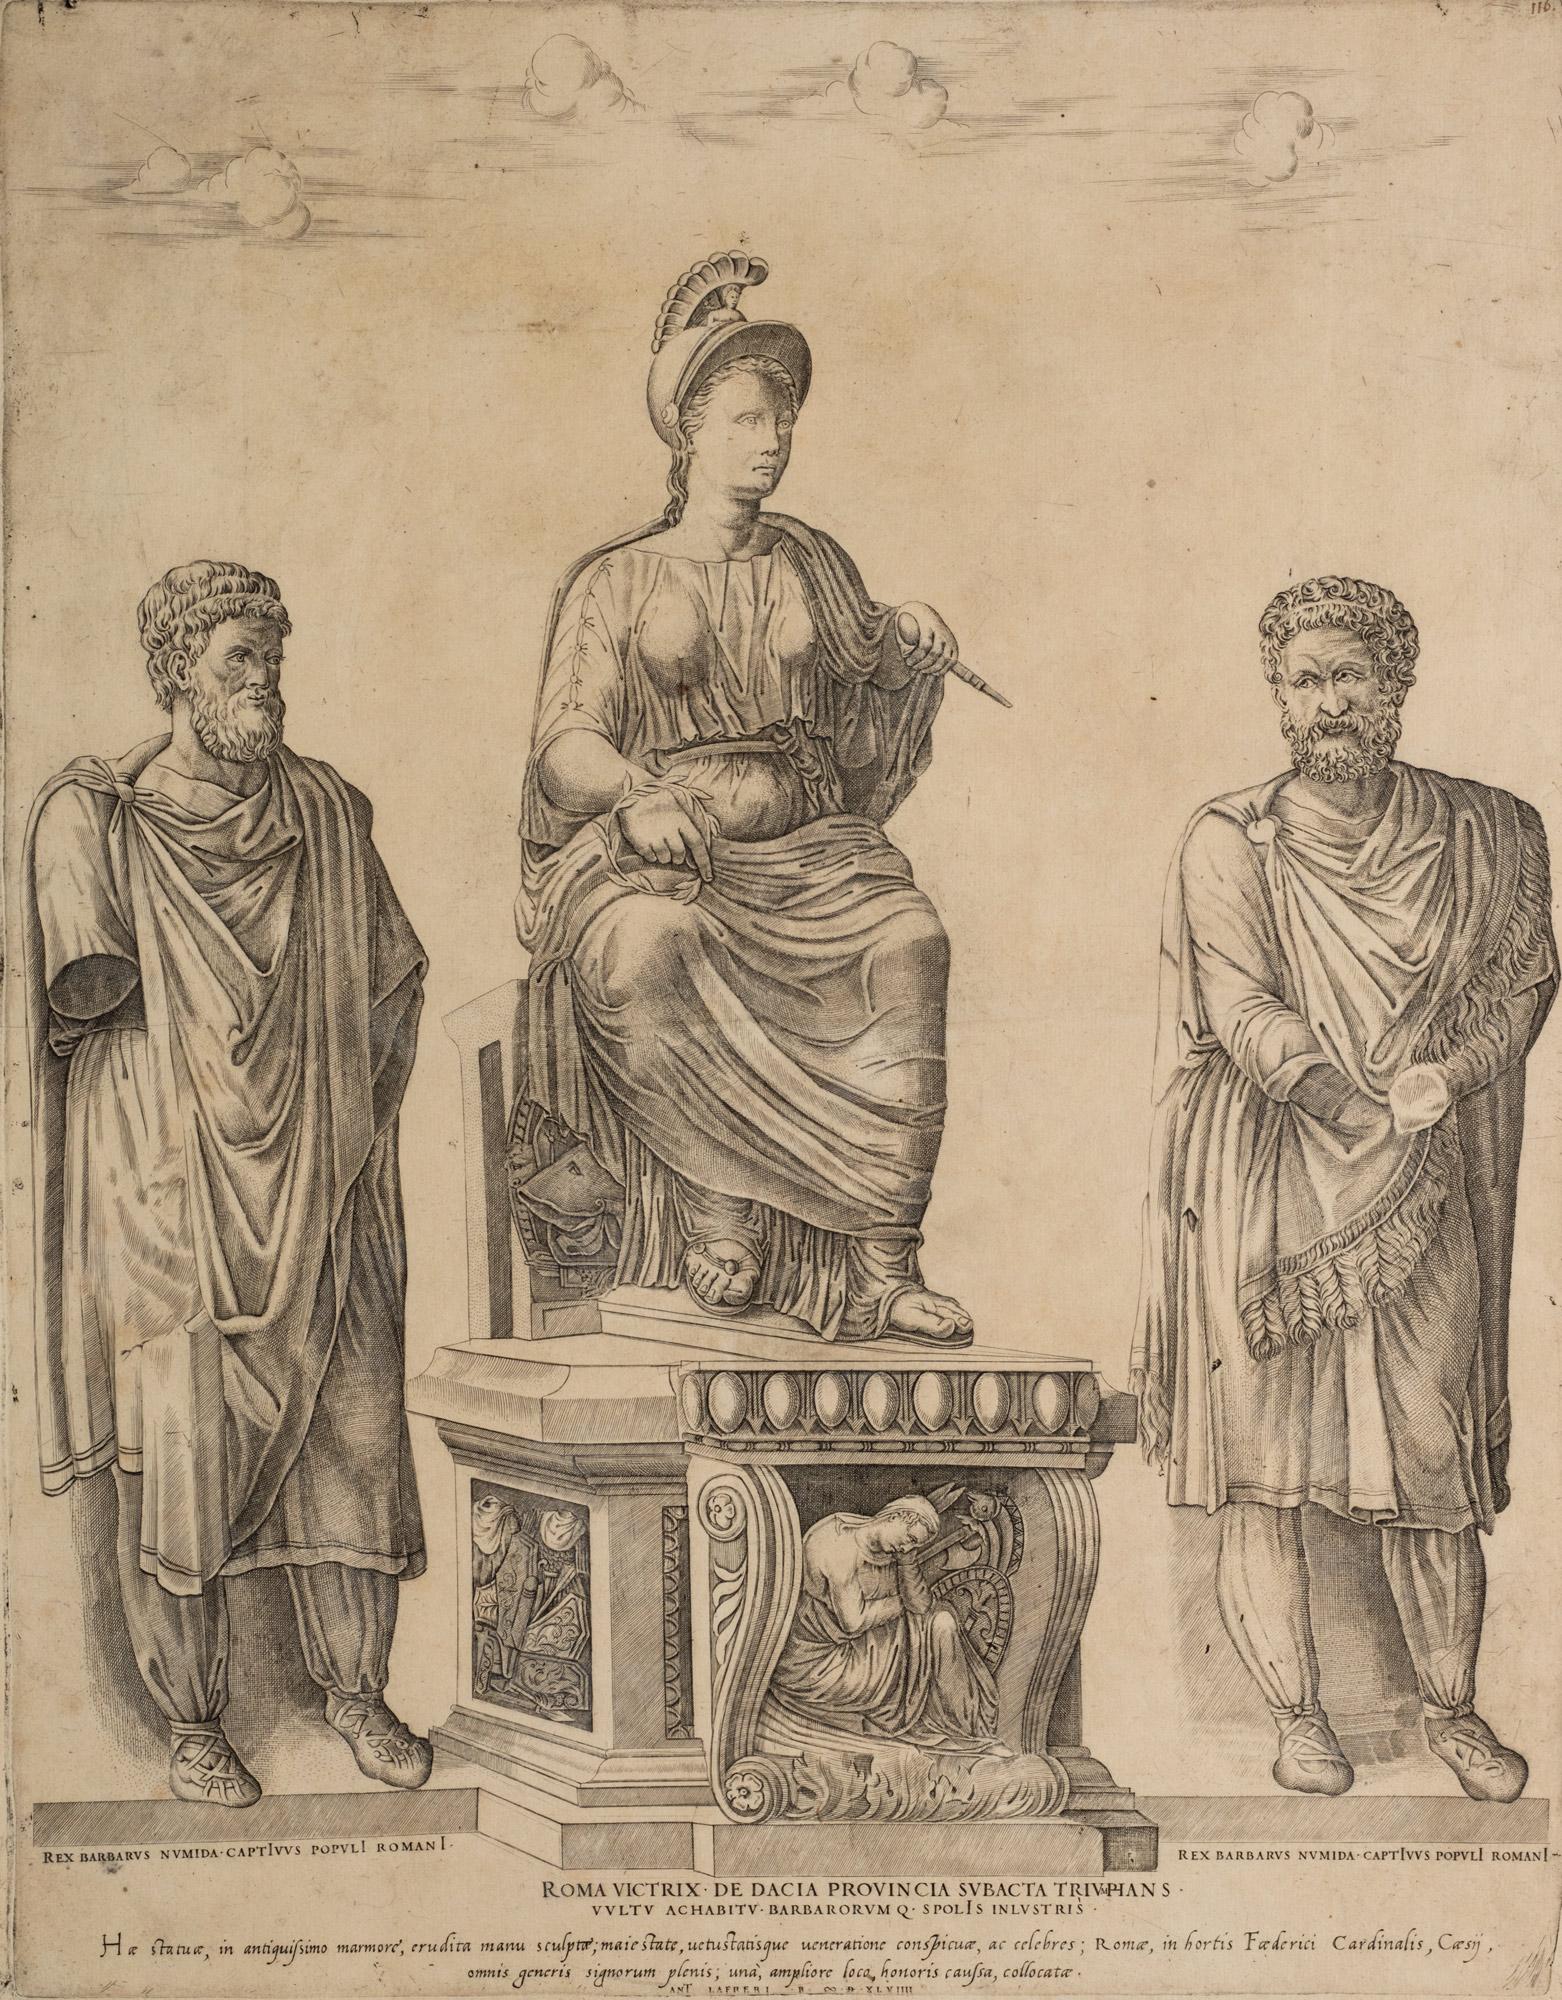 Roma Victrix [La Roma del Cardinale Cesi]